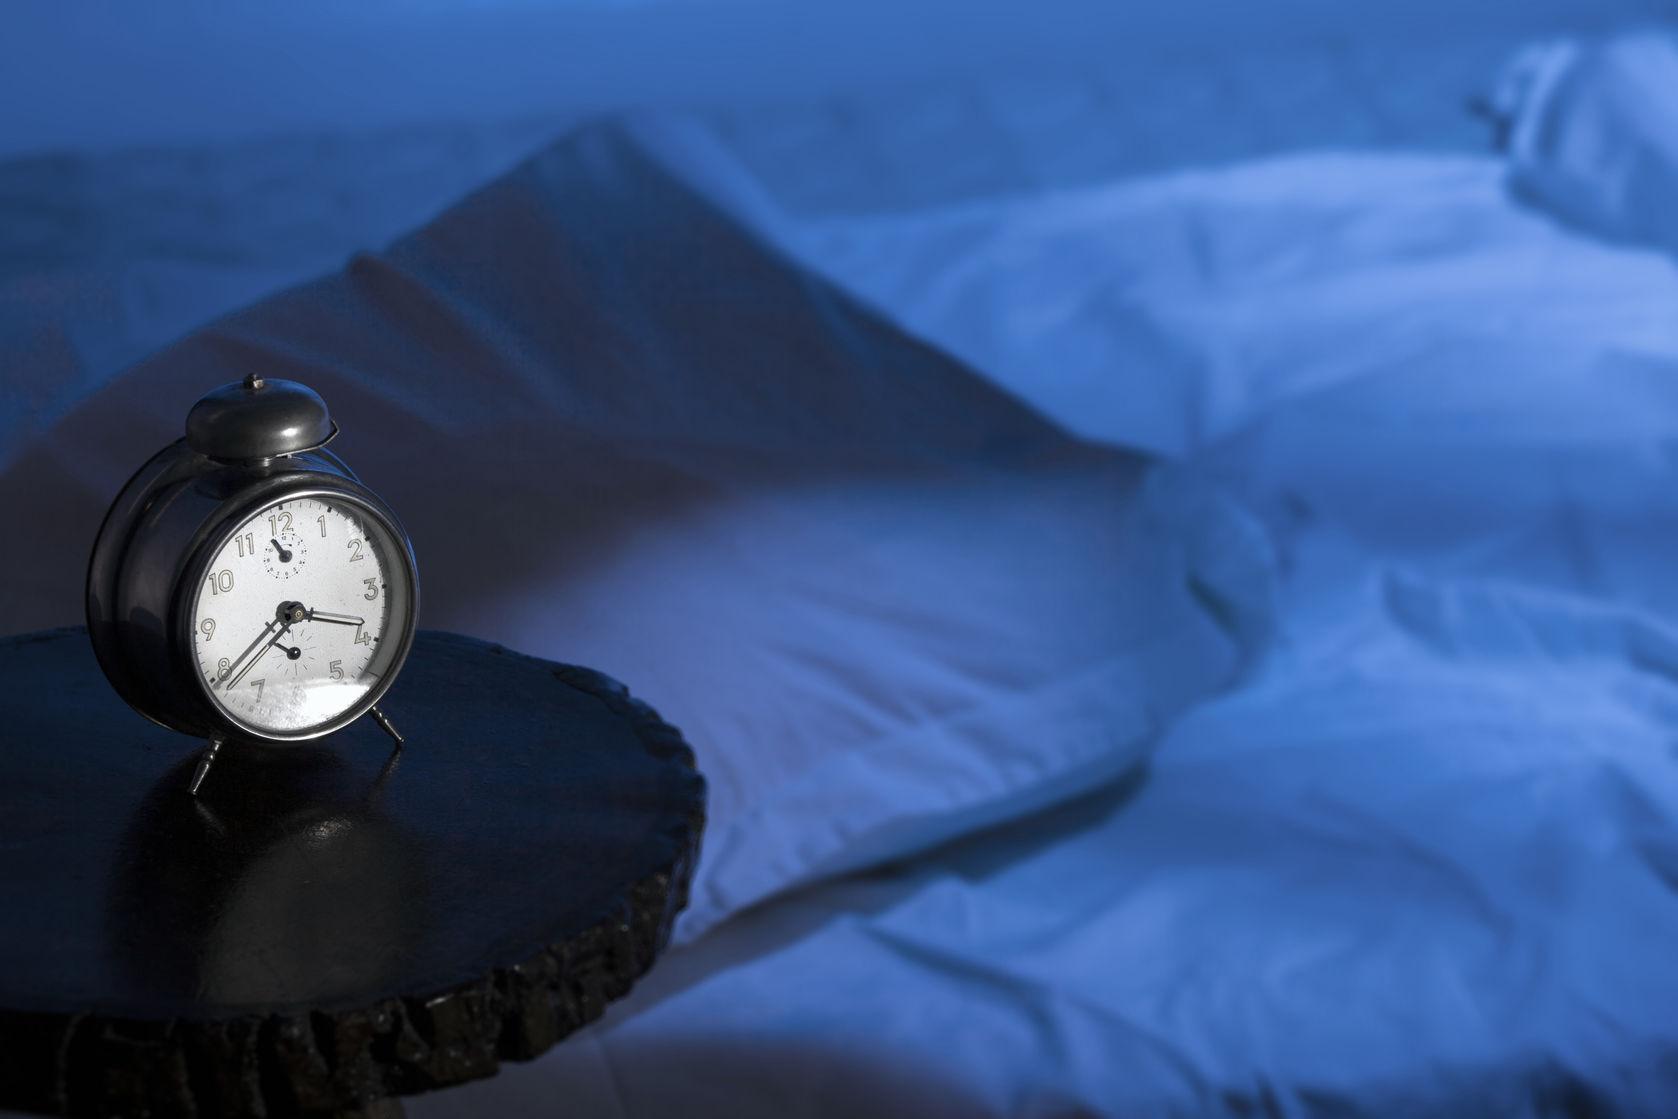 Un estudio evidencia que las enfermeras tienen un mayor riesgo de trastornos del sueño